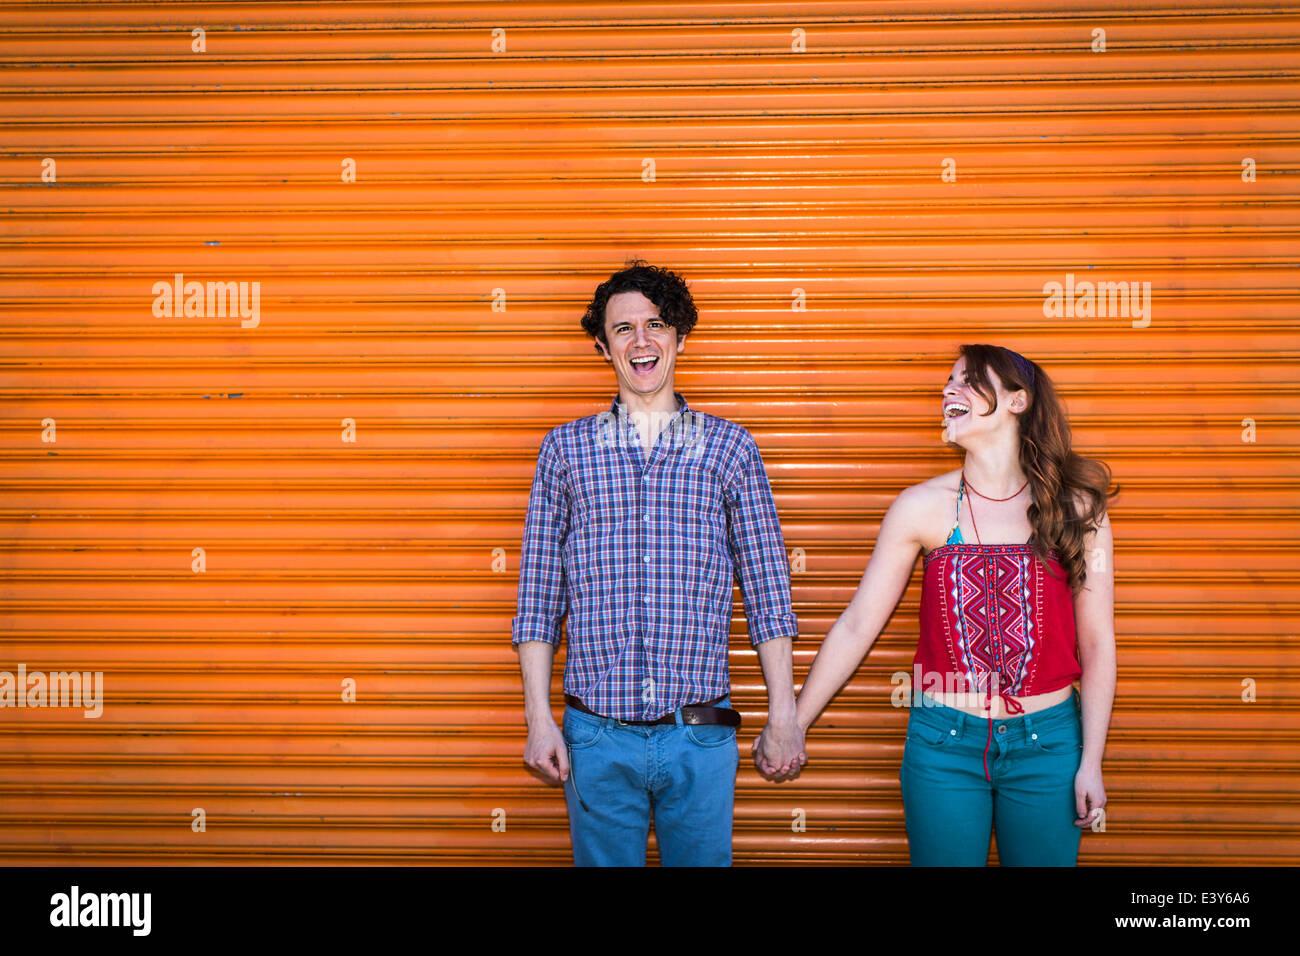 Porträt des Paares vor orange Auslöser Stockbild